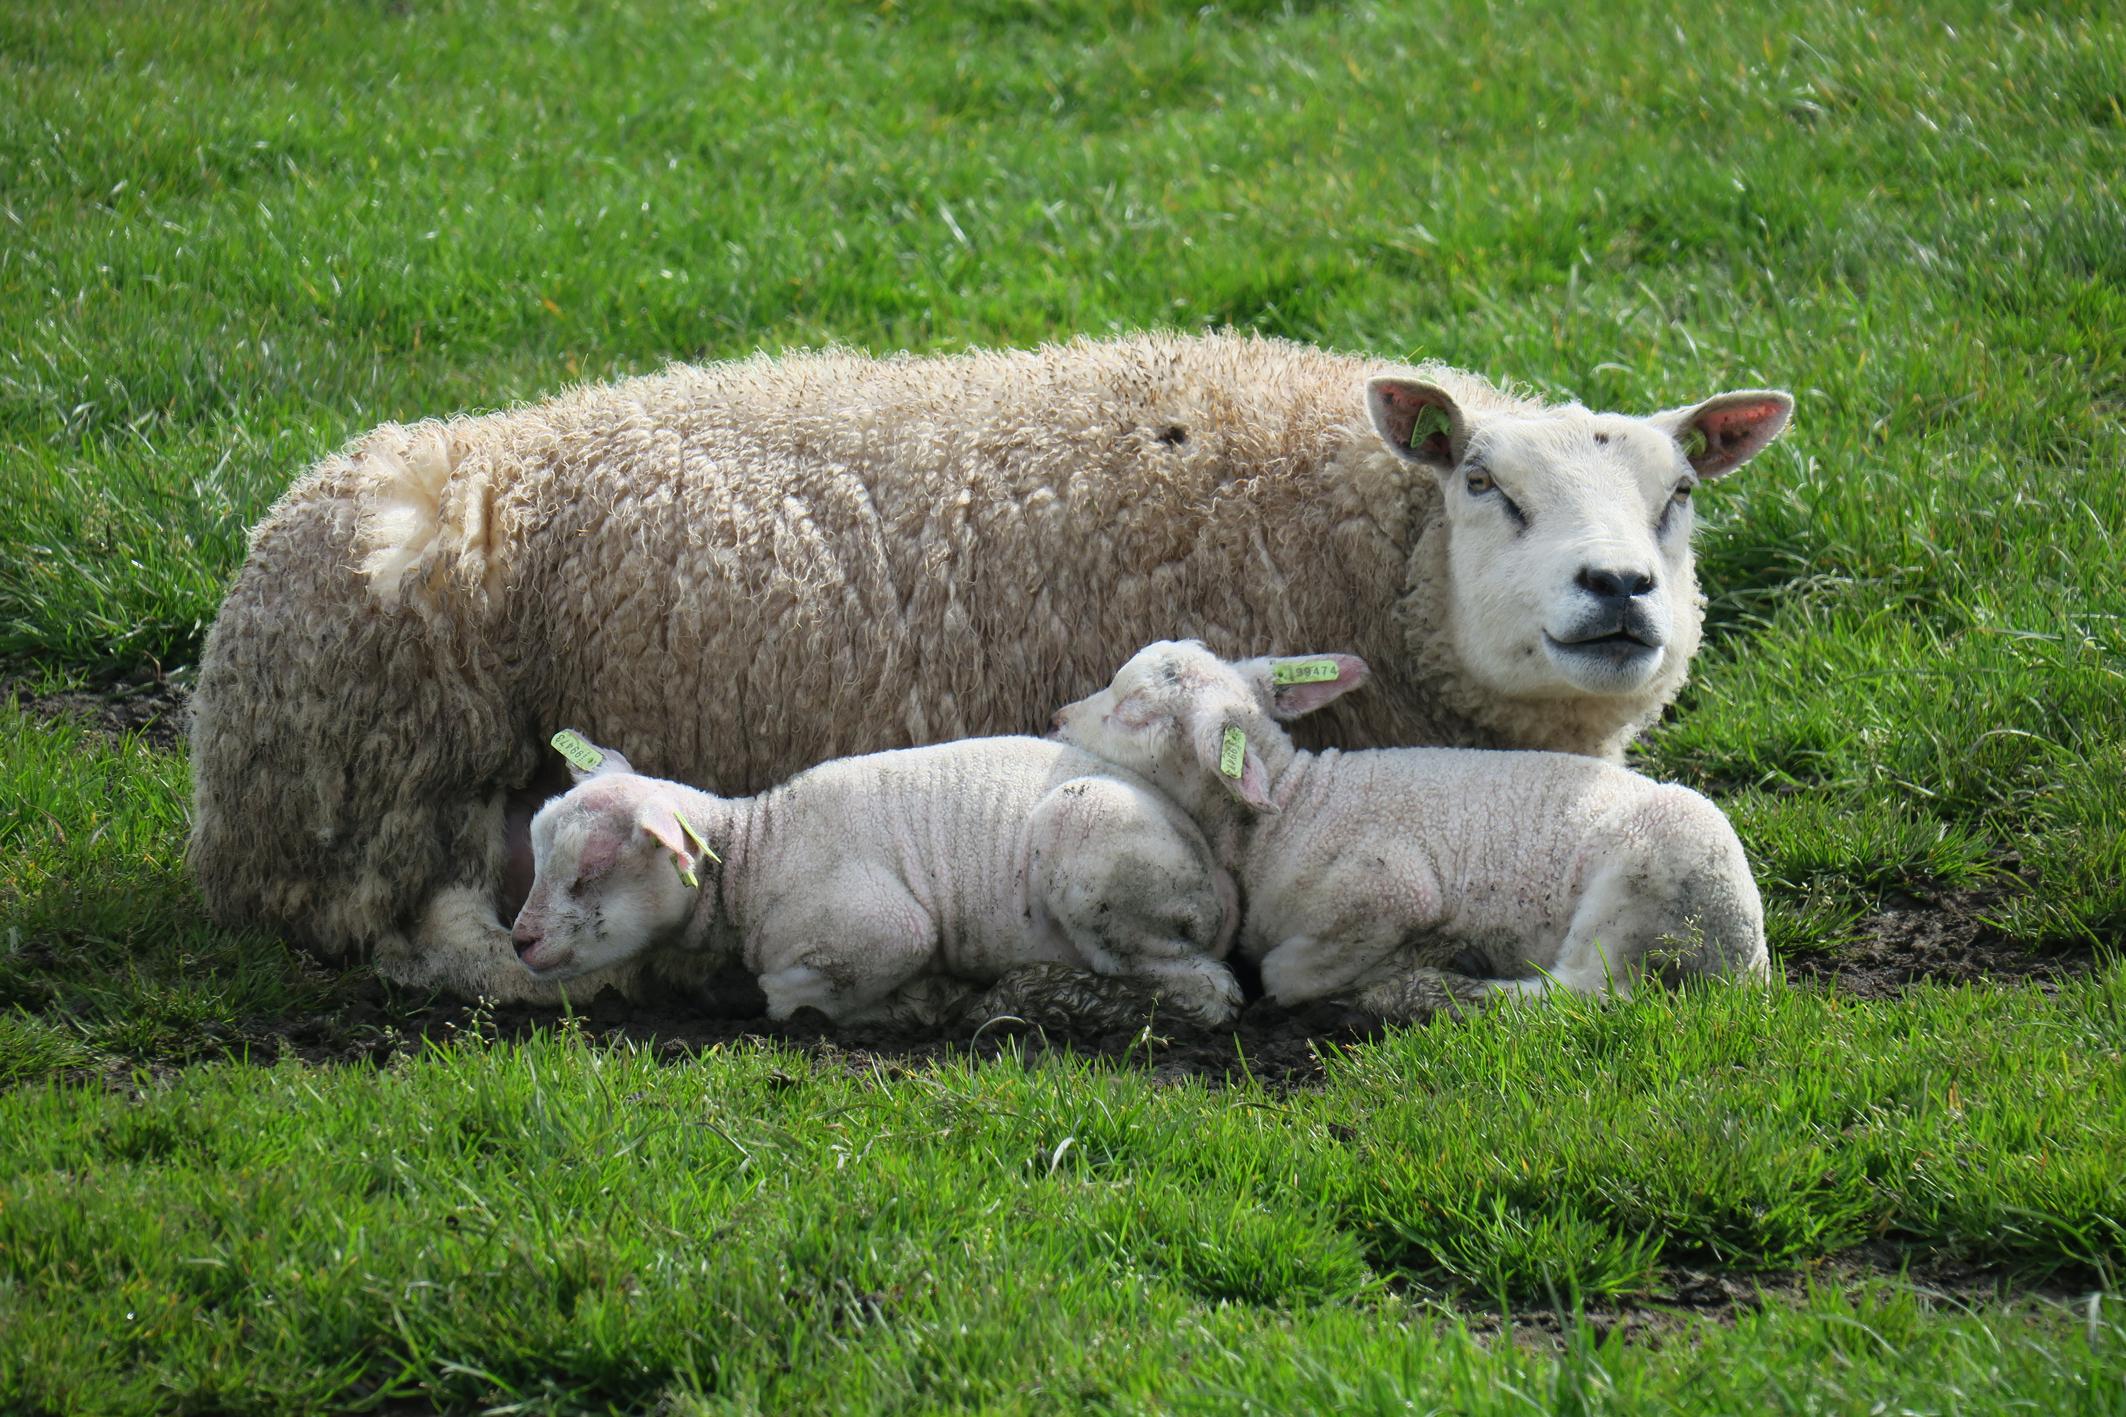 Lammetjes bij moeder in de wei VVV Texel fotograaf Marianne Swinkels